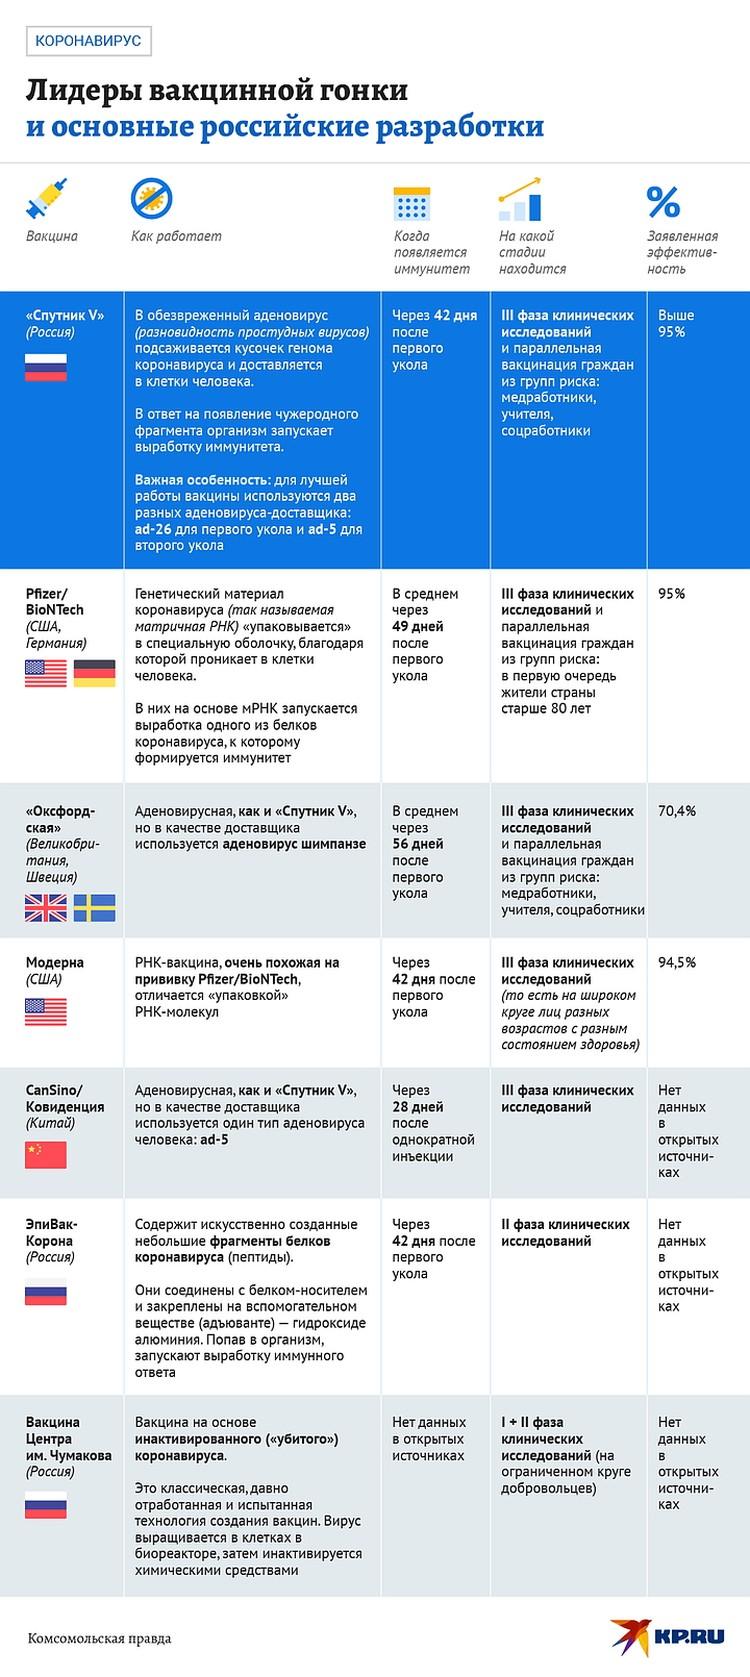 Масштабная вакцинация «Спутником V» началась 5 декабря 2020-го в Москве и с 15 декабря по всей России